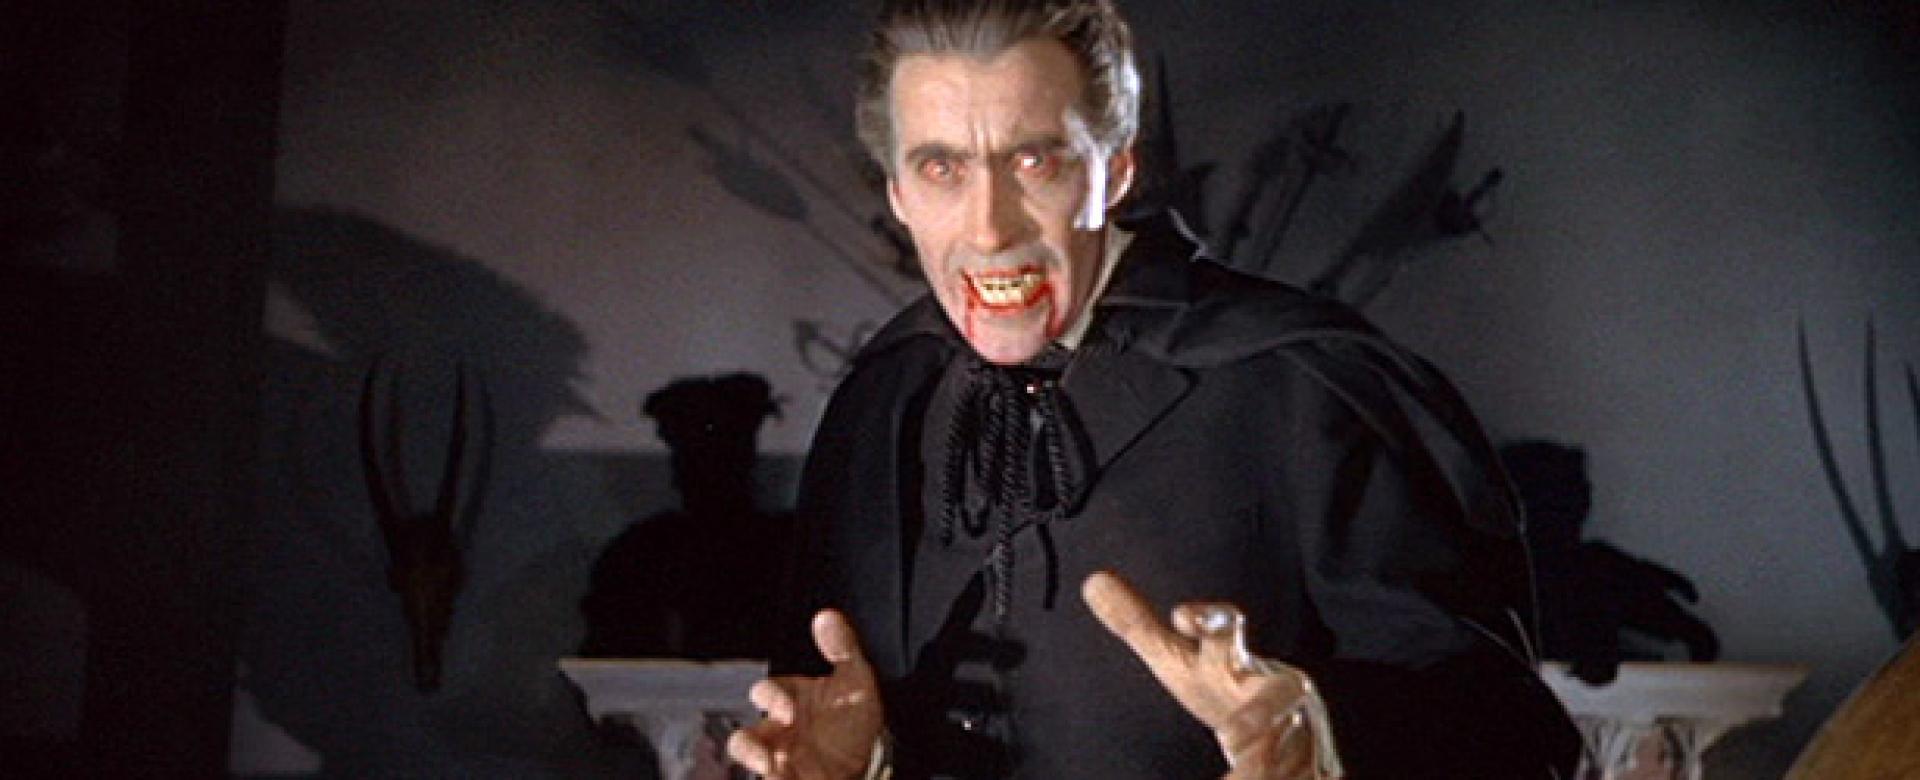 Drakula (1958) 1. kép